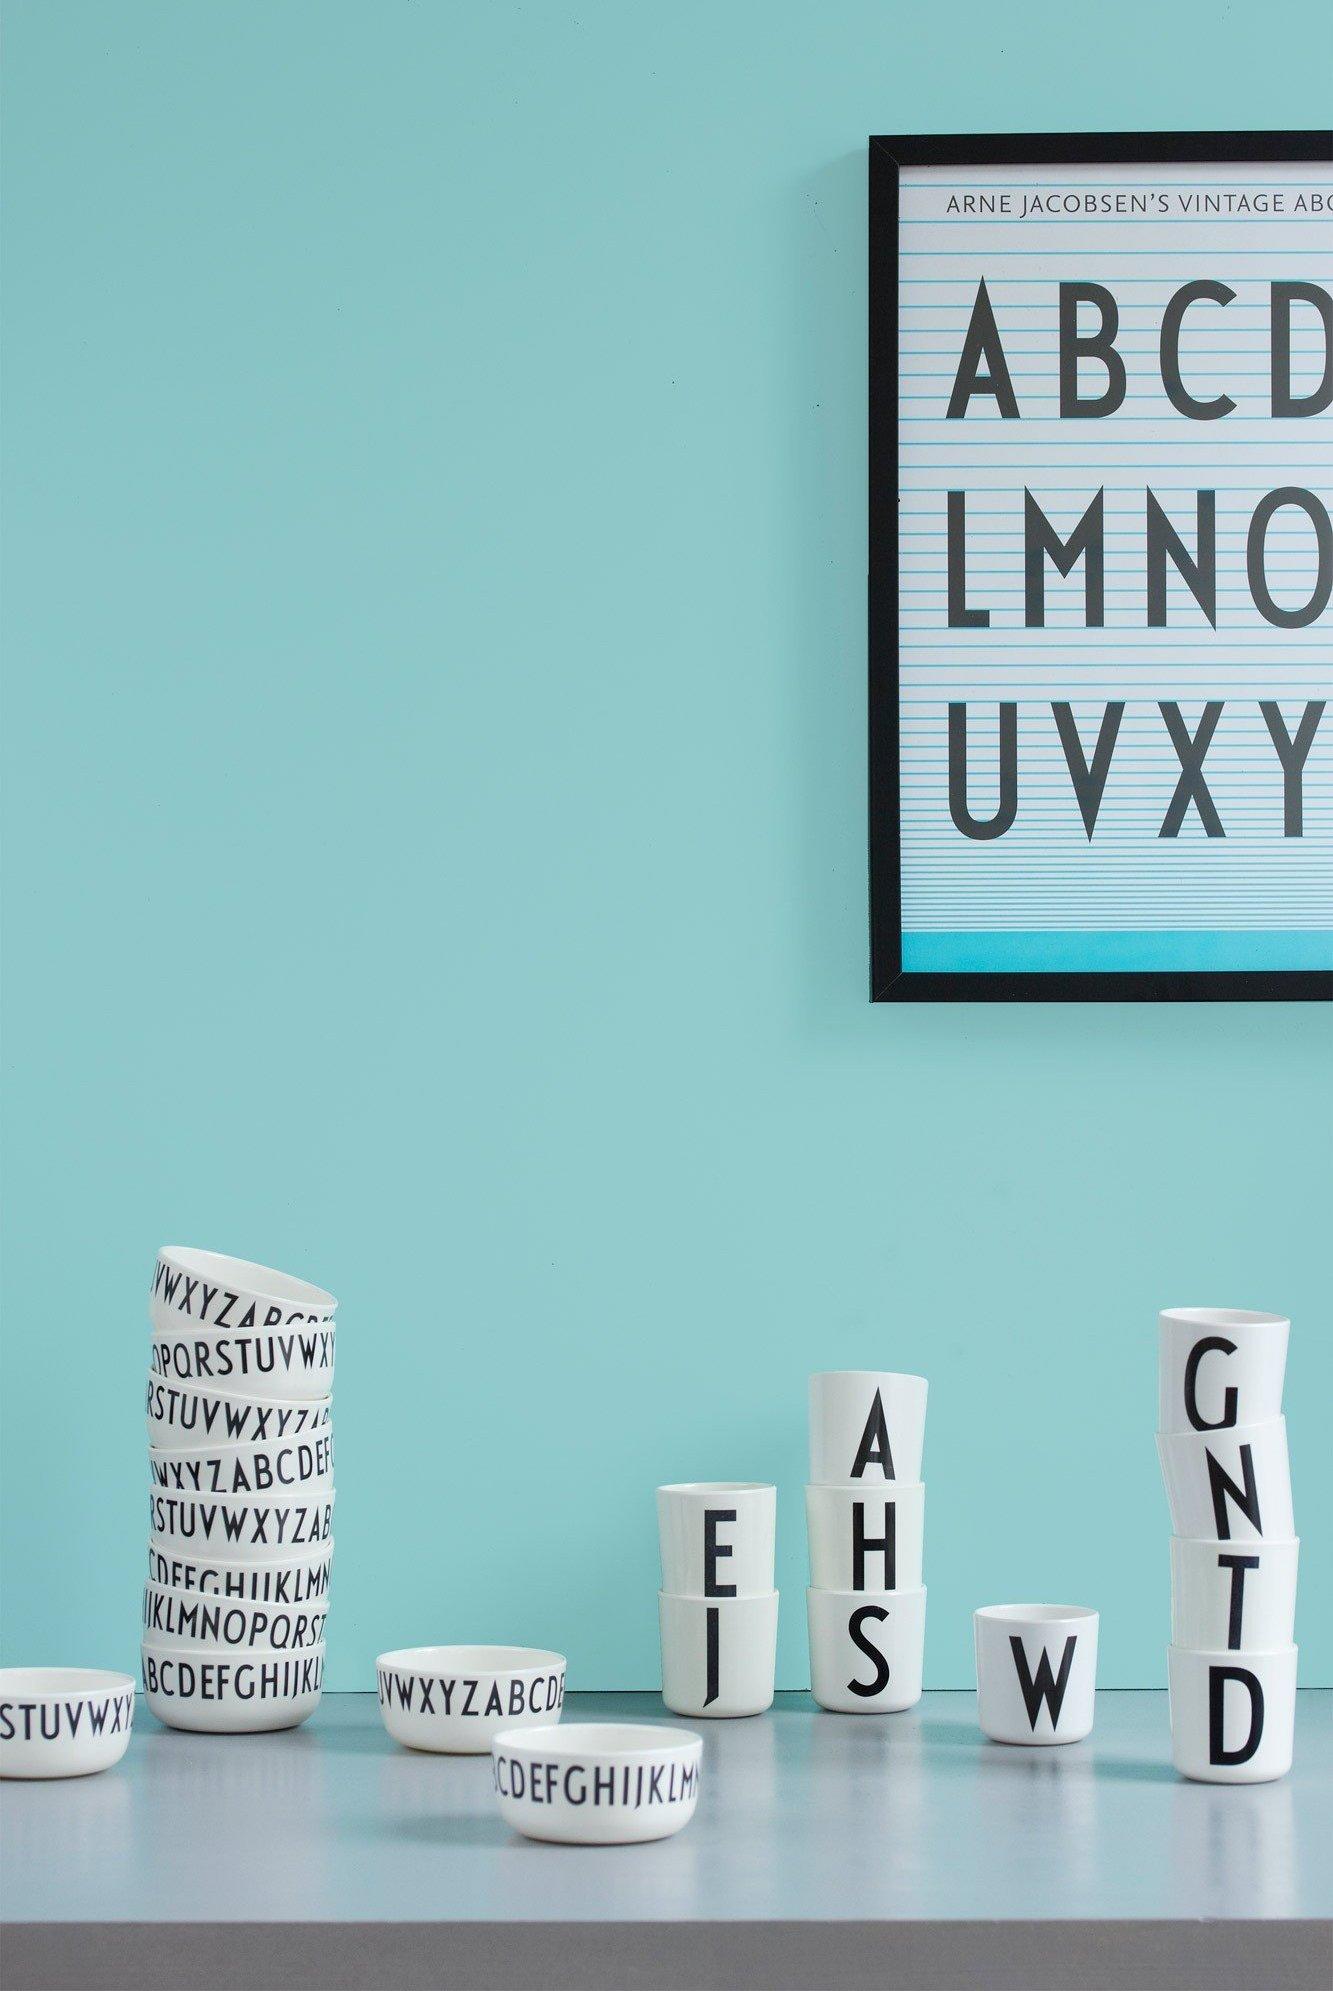 Plakat Arne Jacobsens Vintage ABC - Design Letters ...